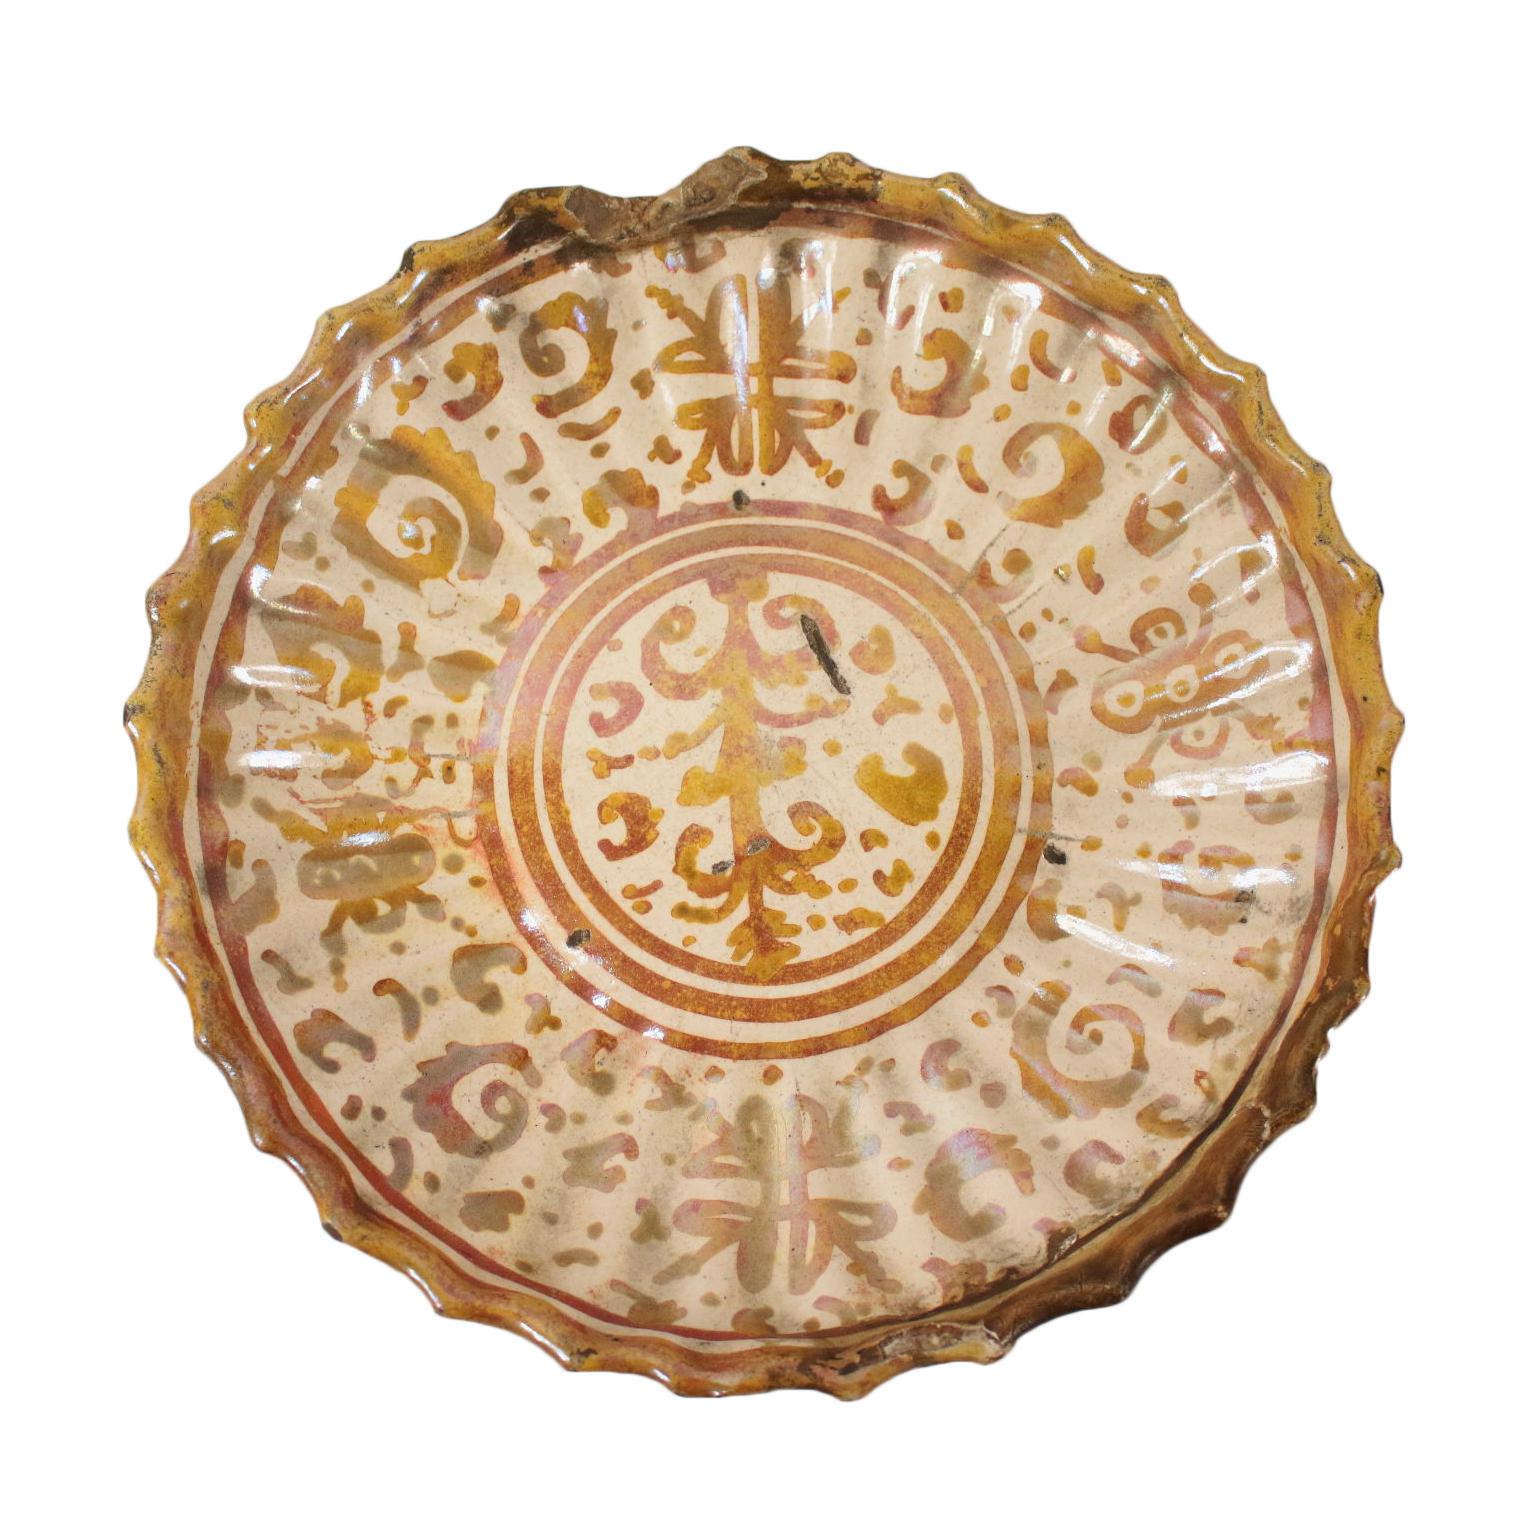 Alzatina o crespina deruta - Ceramiche - Antiquariato ...